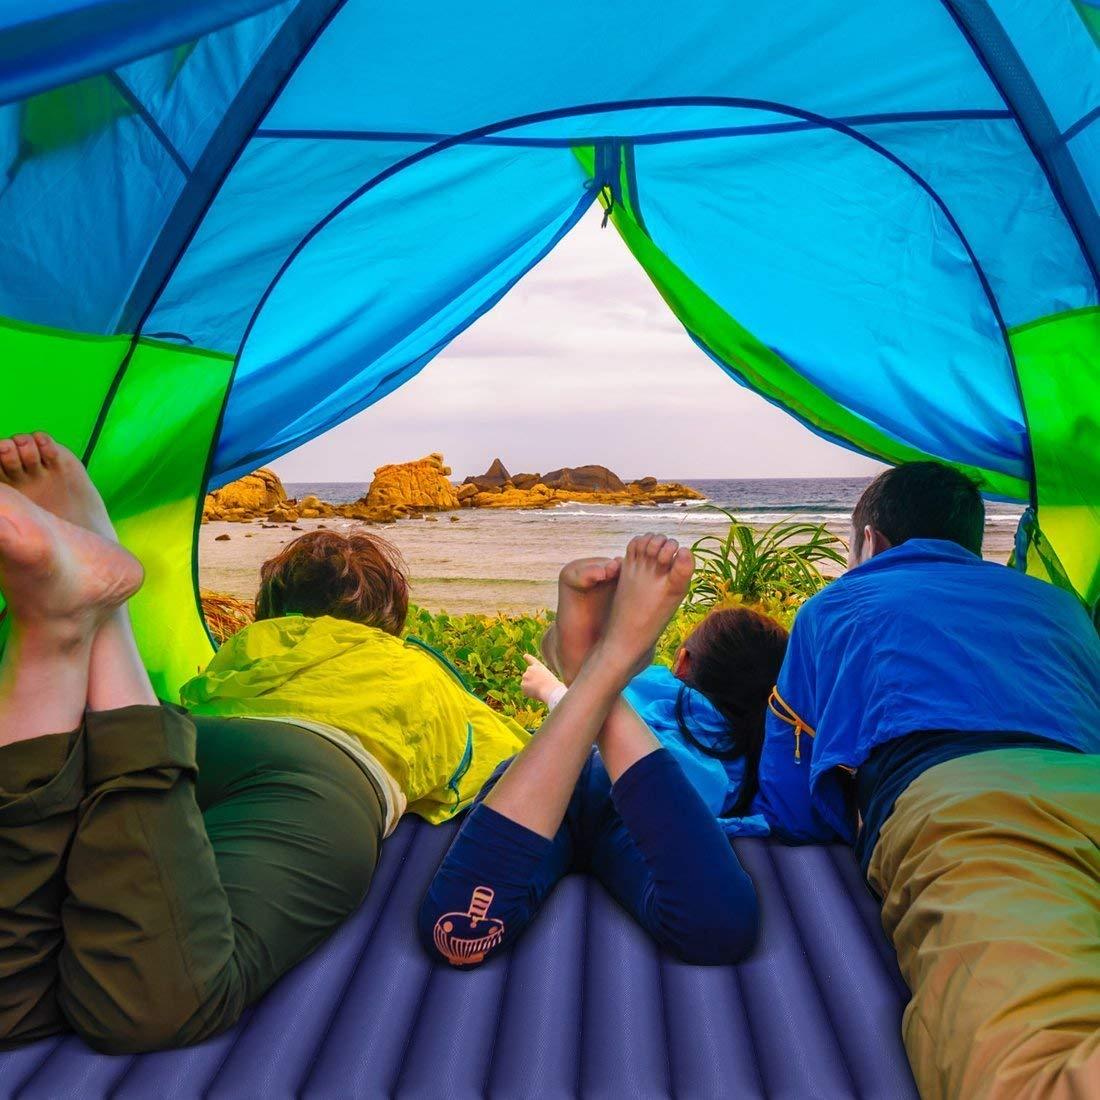 Outdoor Navyblau Strand Wandern Isomatte Ultraleicht f/ür 2 Personen von HIKENTURE Doppel Isomatte Aufblasbar Pumpsack f/ür Reise Camping Luftmatratze Schlafmatte Kleines Packma/ß mit Pumpsack